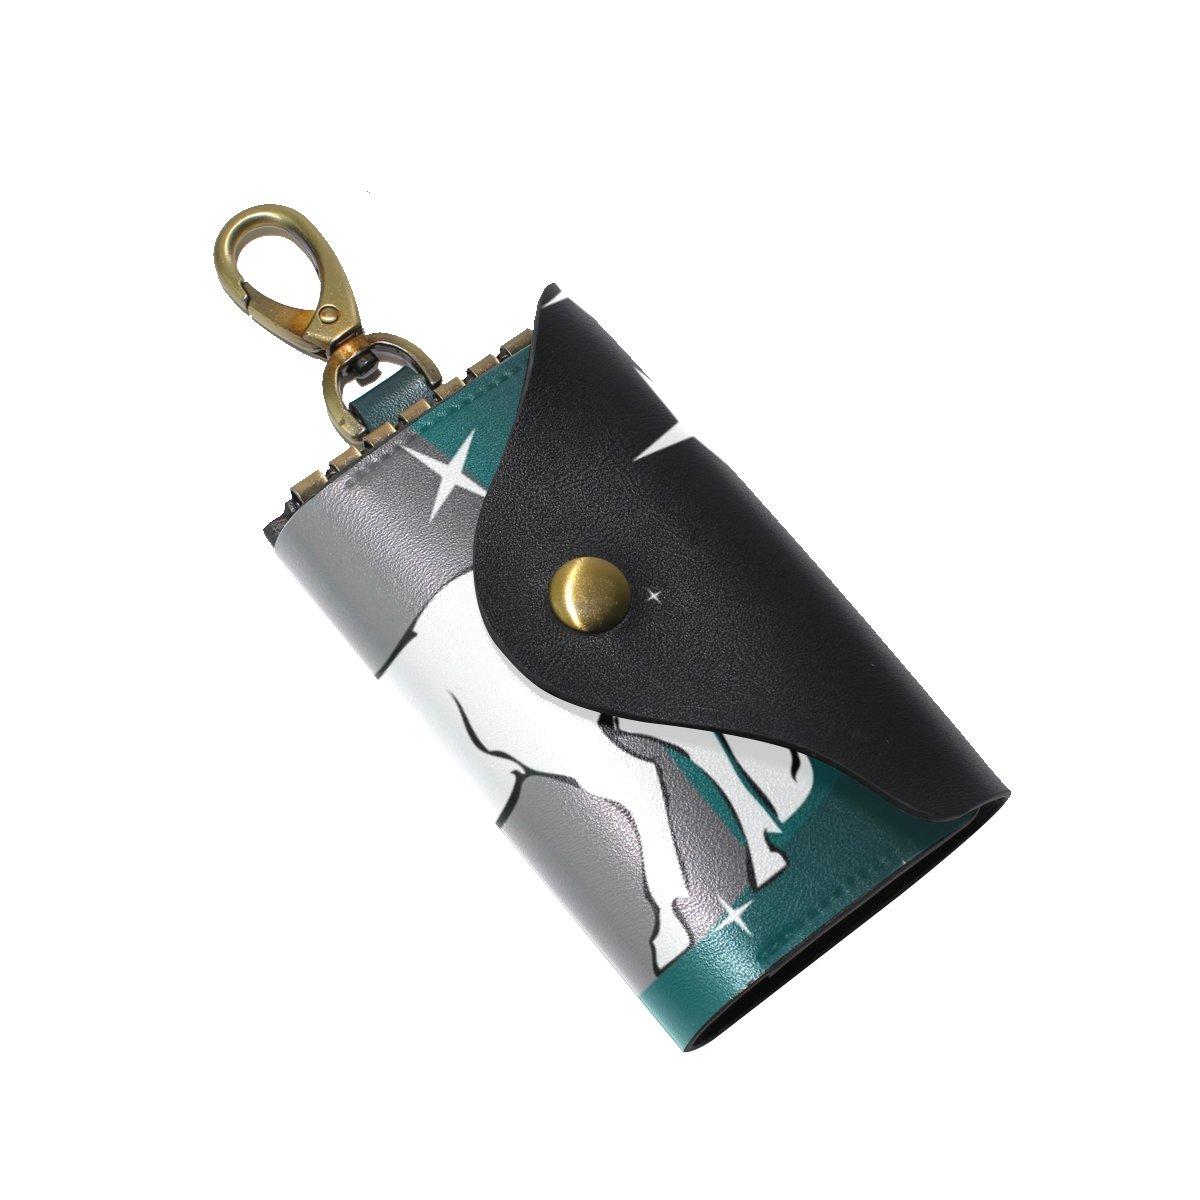 DEYYA Forest Unicorn Leather Key Case Wallets Unisex Keychain Key Holder with 6 Hooks Snap Closure